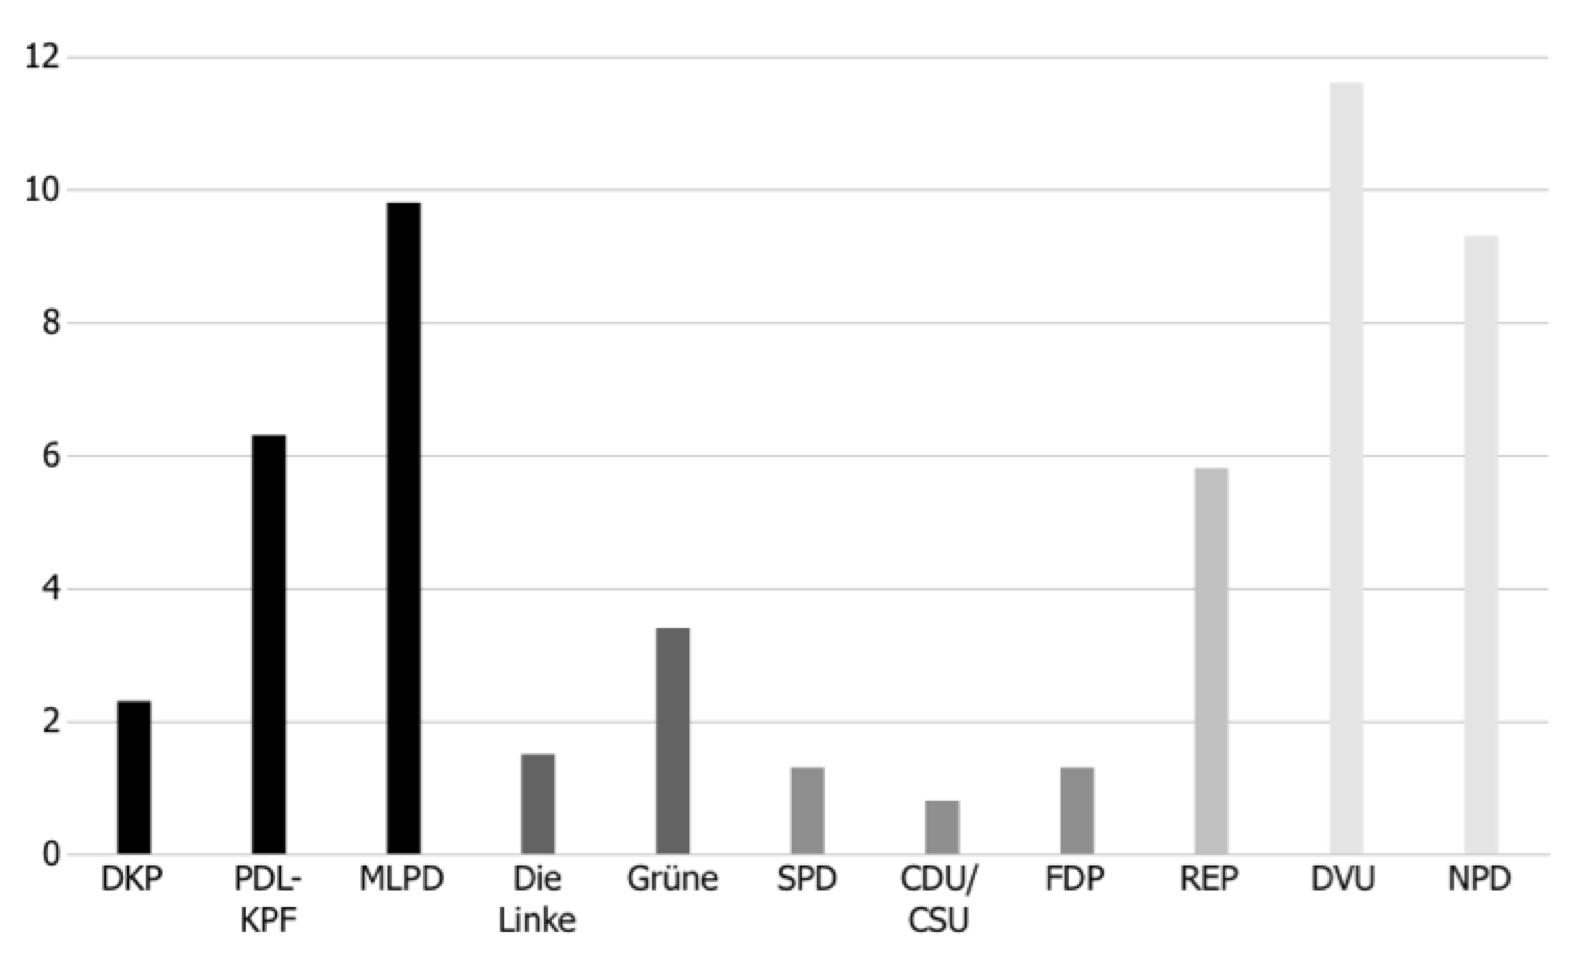 Anteil von Wendungen zur Bezeichnung des demokratischen Verfassungsstaates und seiner Organe an allen metasprachlich markierten Ausdrücken (Pressemitteilungen von Parteien 2005-2009)